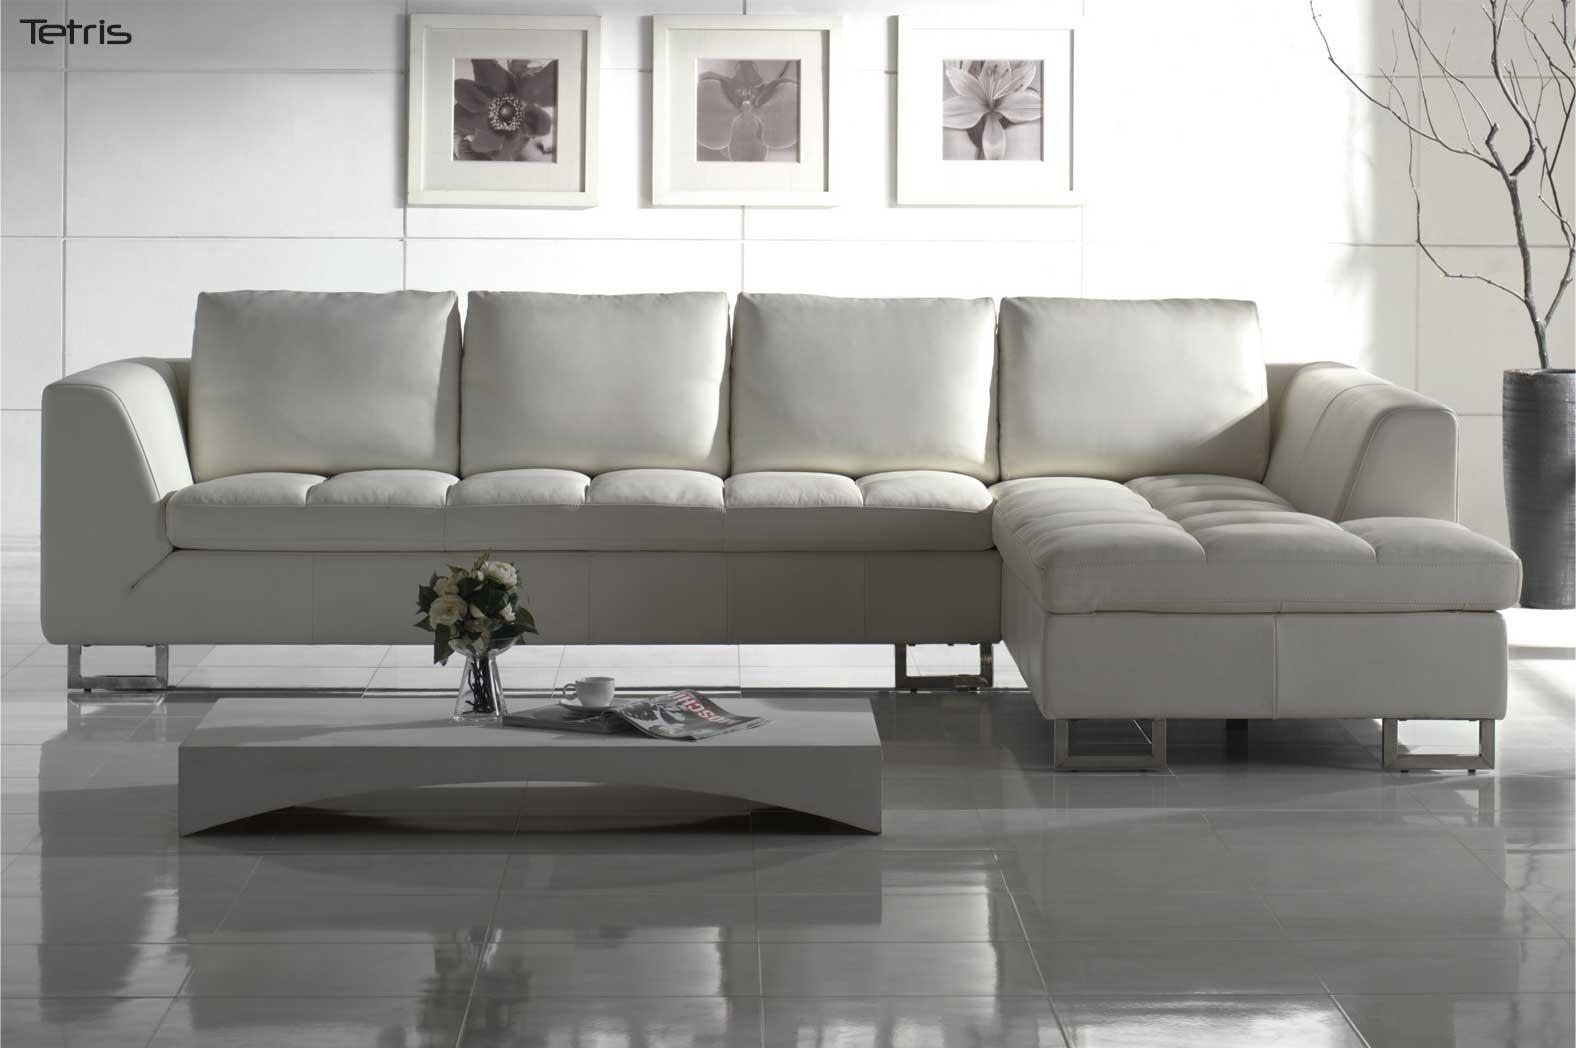 Die Am Besten Bewerteten Sectional Sofa-Marken Hat Eine Der ...